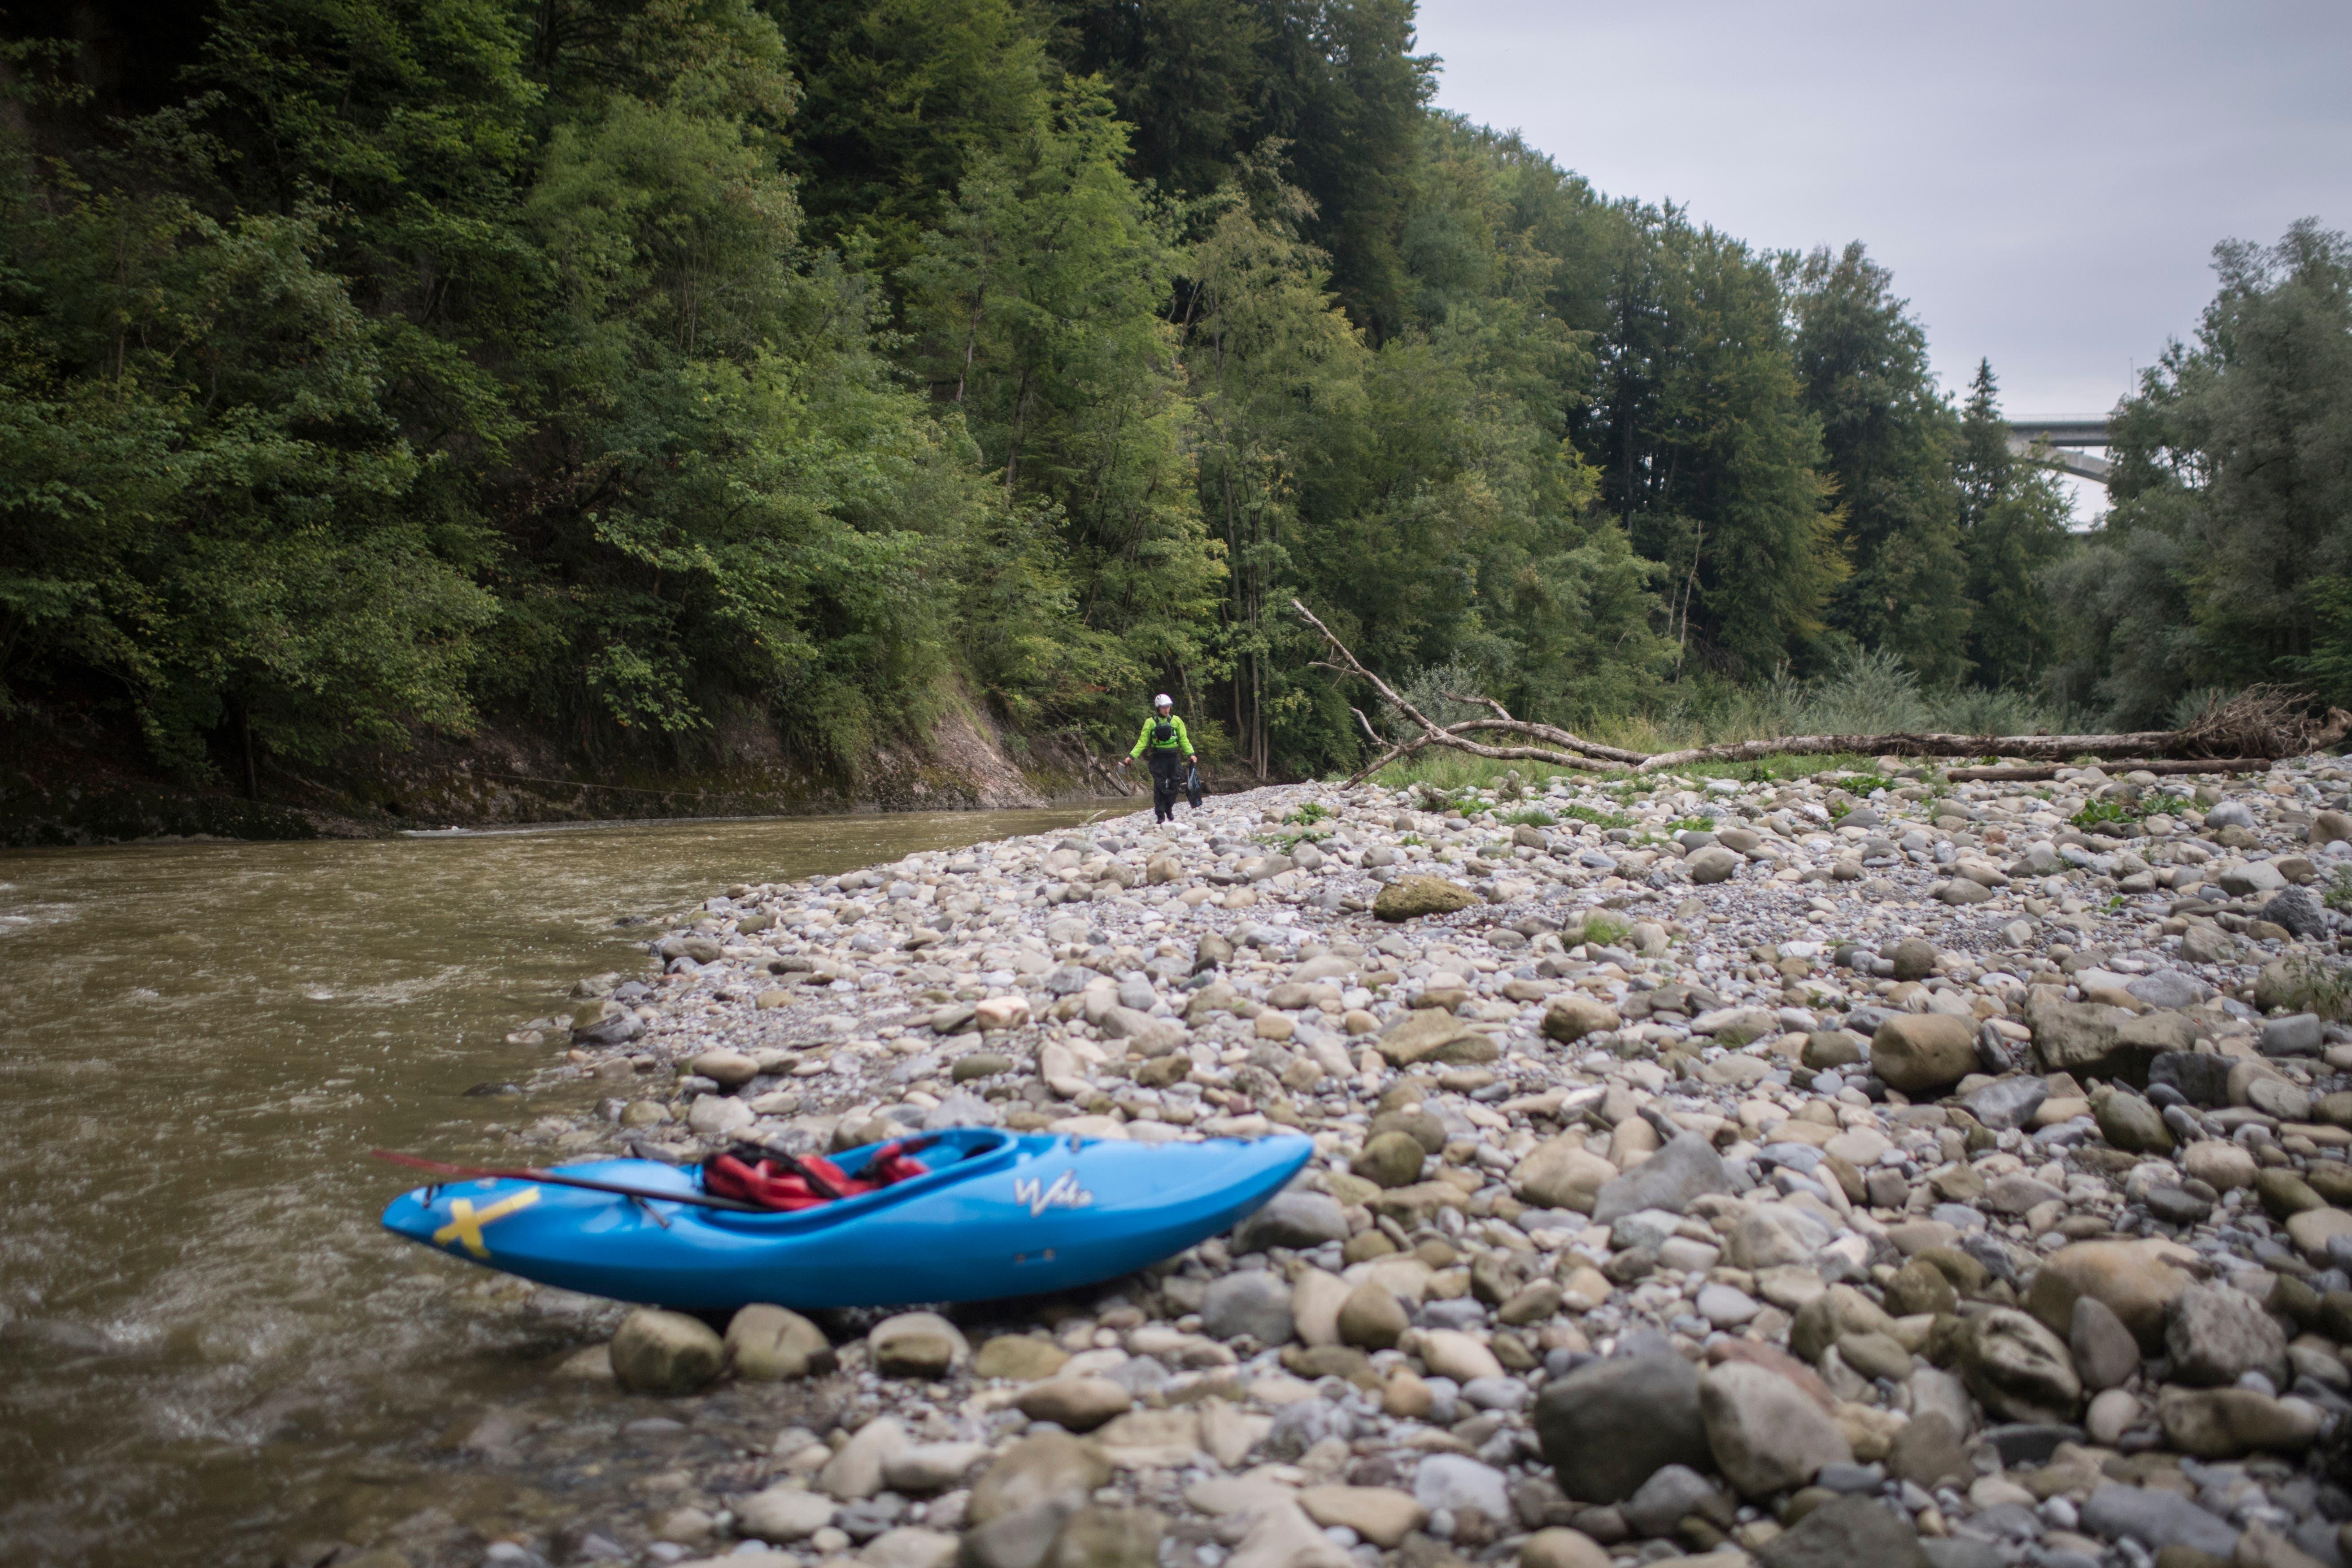 Der Kanuclub St.Gallen bei einer sogenannten 'Bachputzete', bei der das Ufer der Sitter von liegengelassenen Abfall gereinigt wird. (Bild: Benjamin Manser)